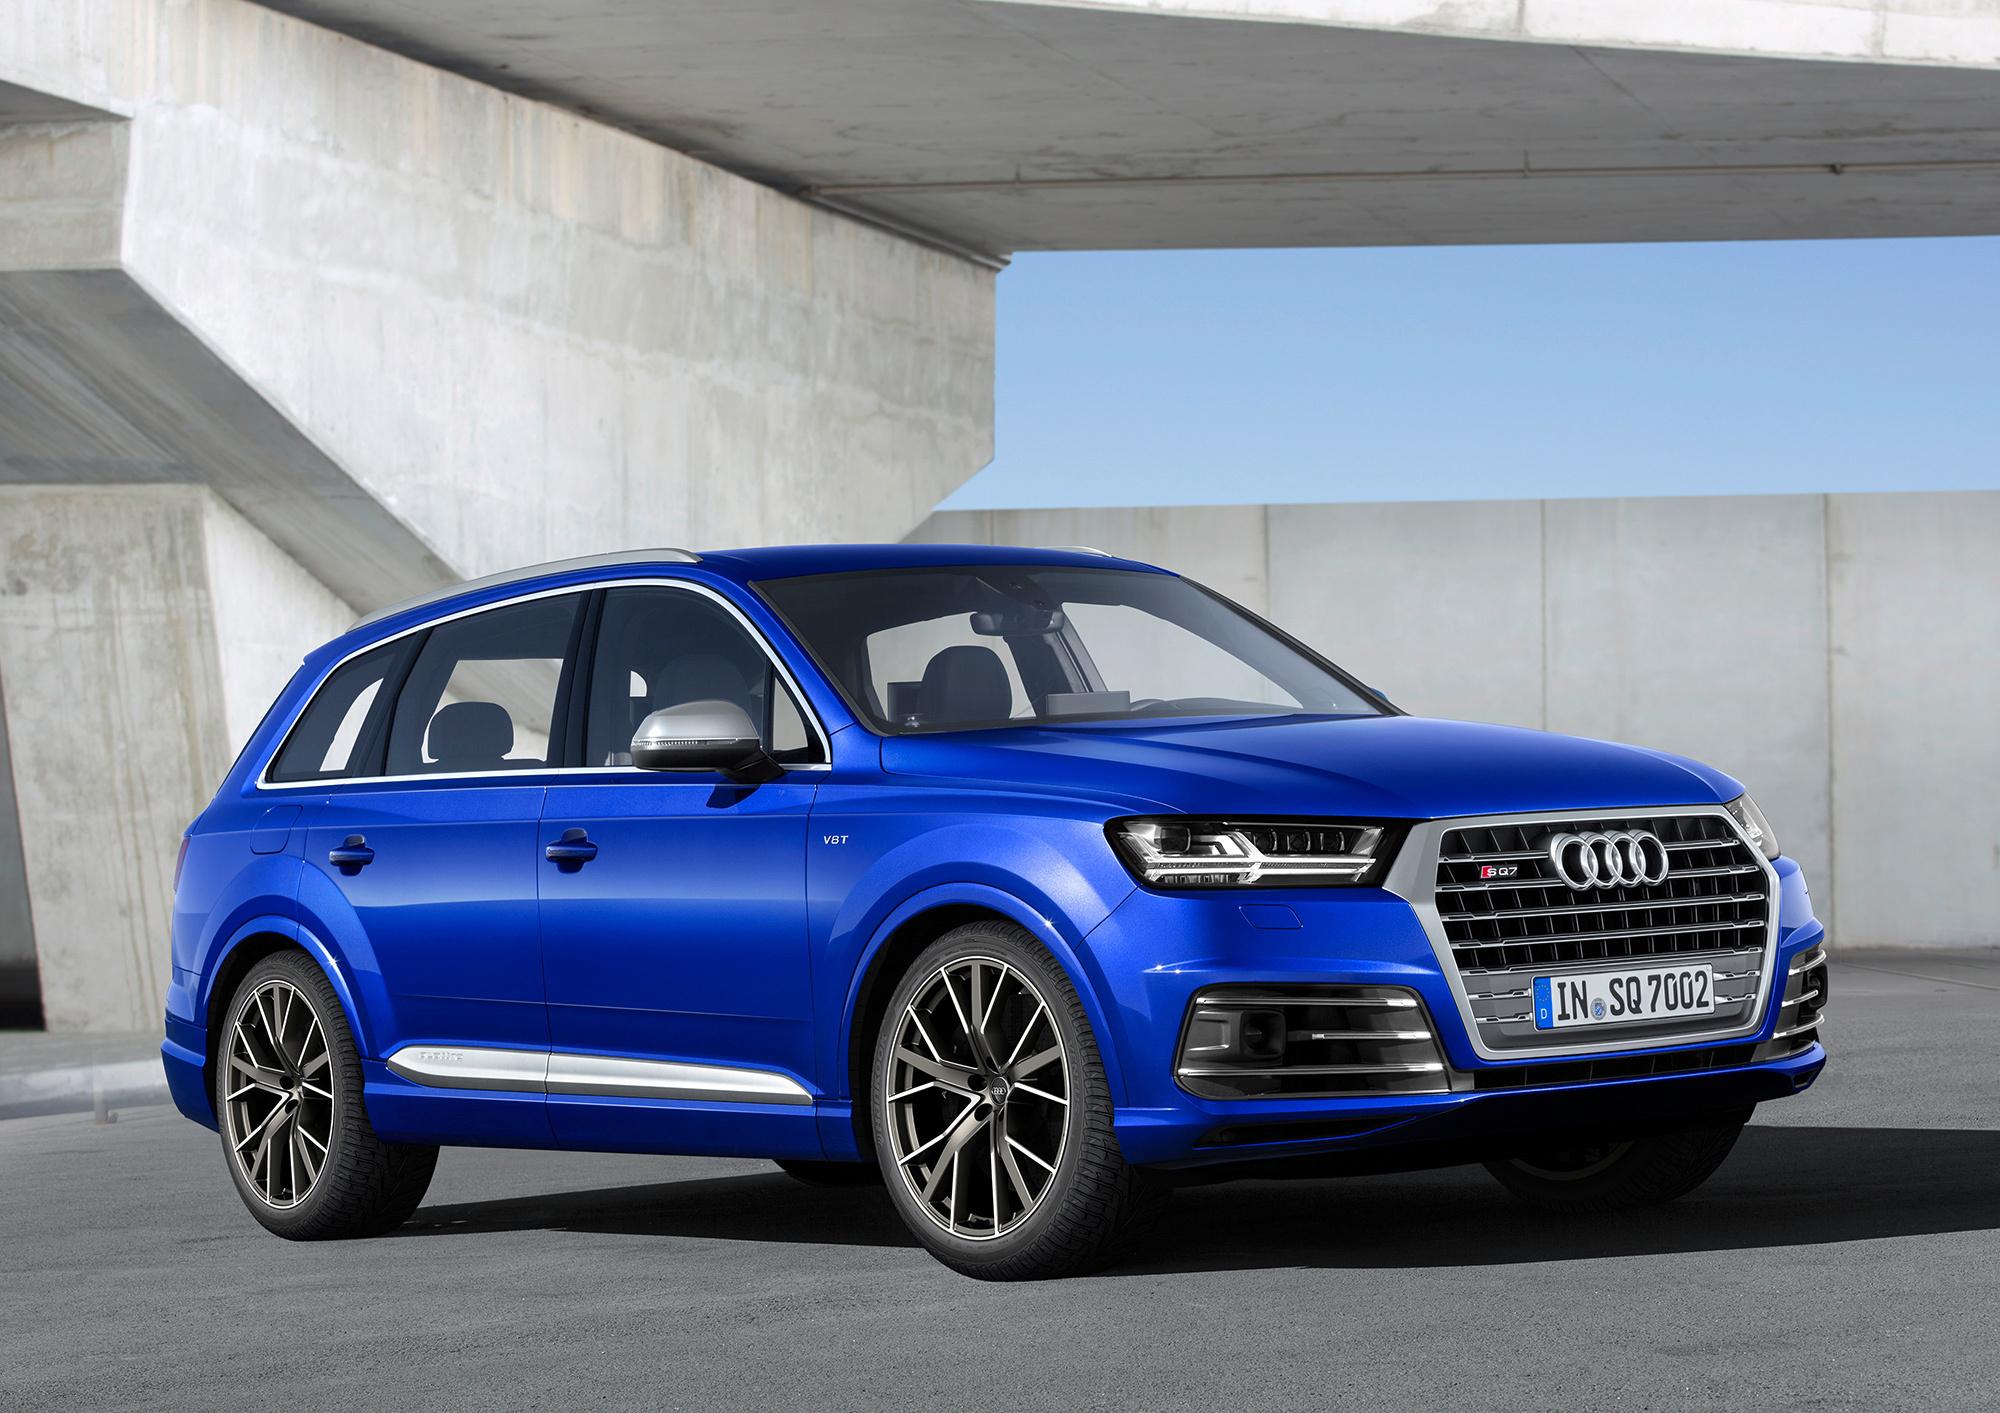 Audi SQ7 Wallpaper